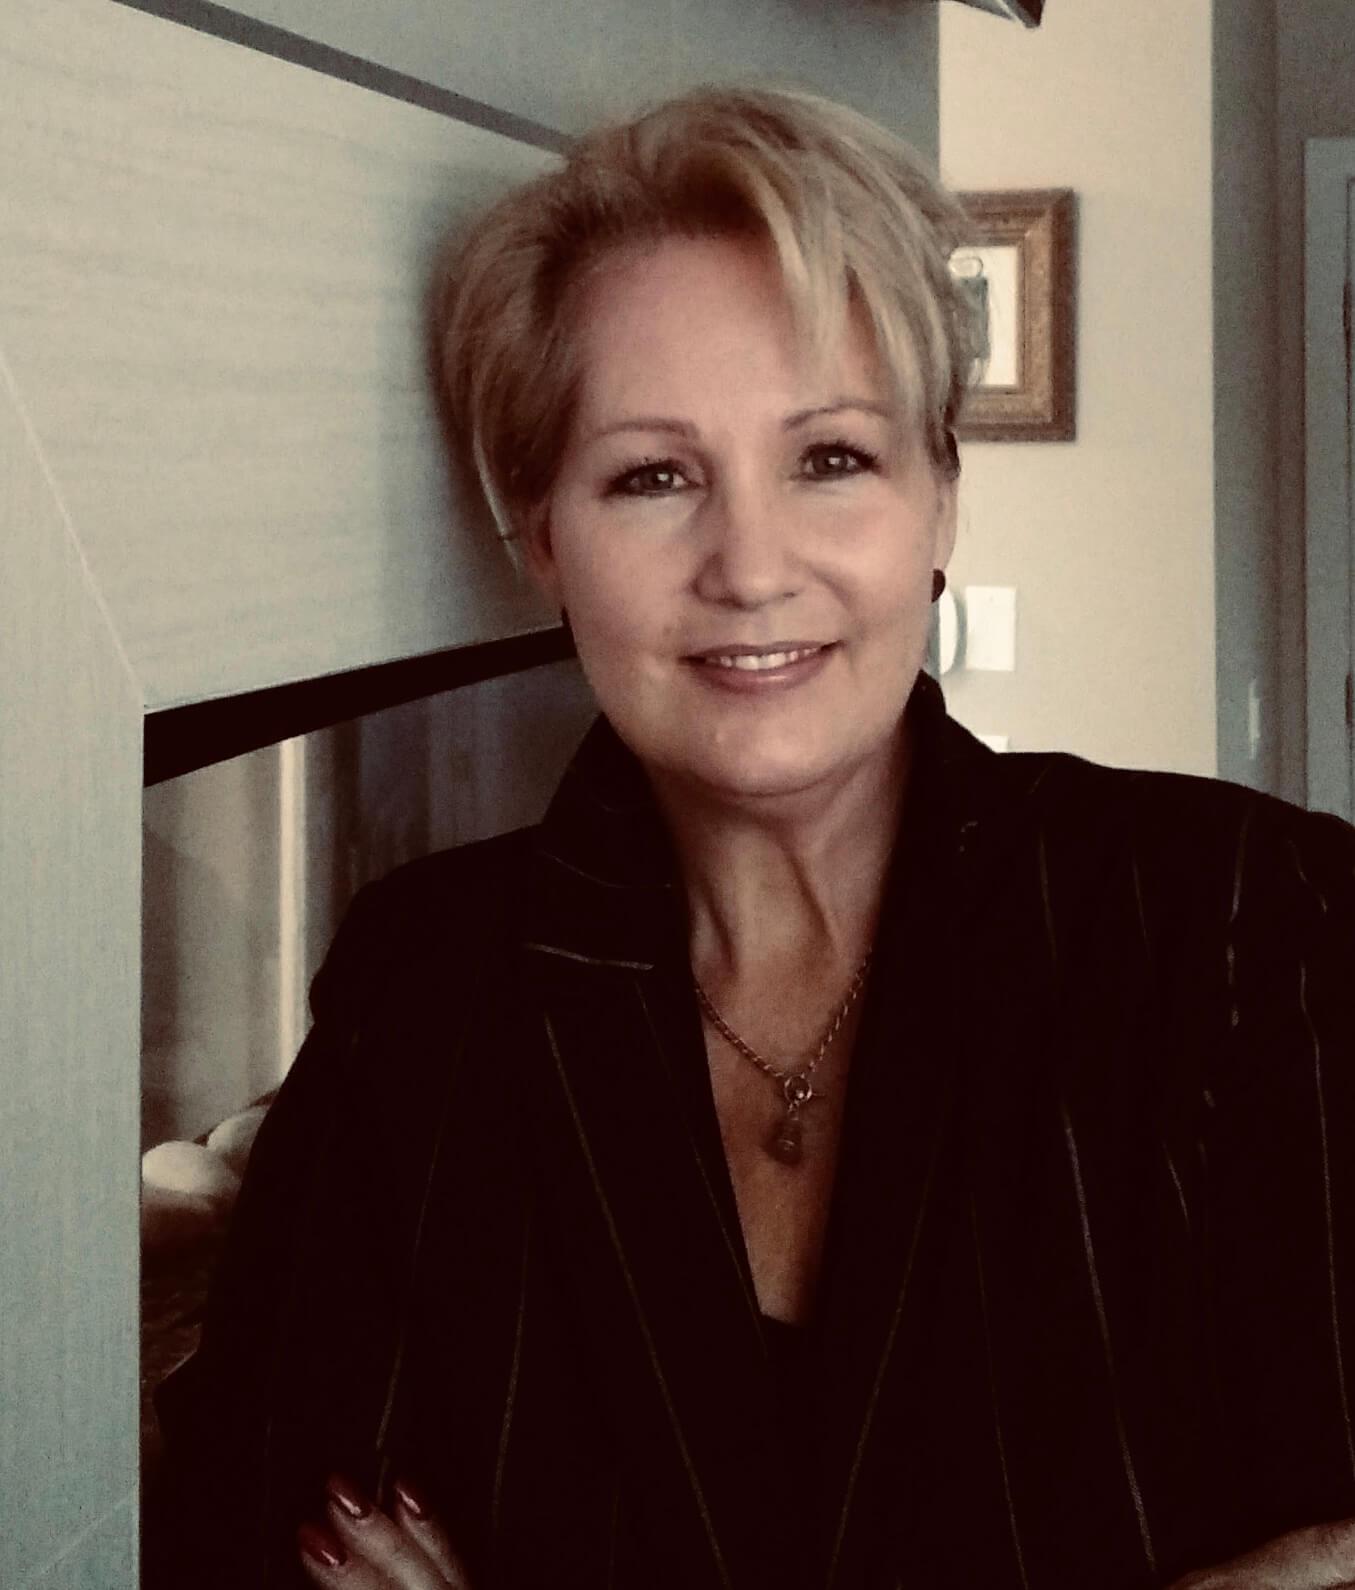 Michele-Taylor-Photo.jpeg